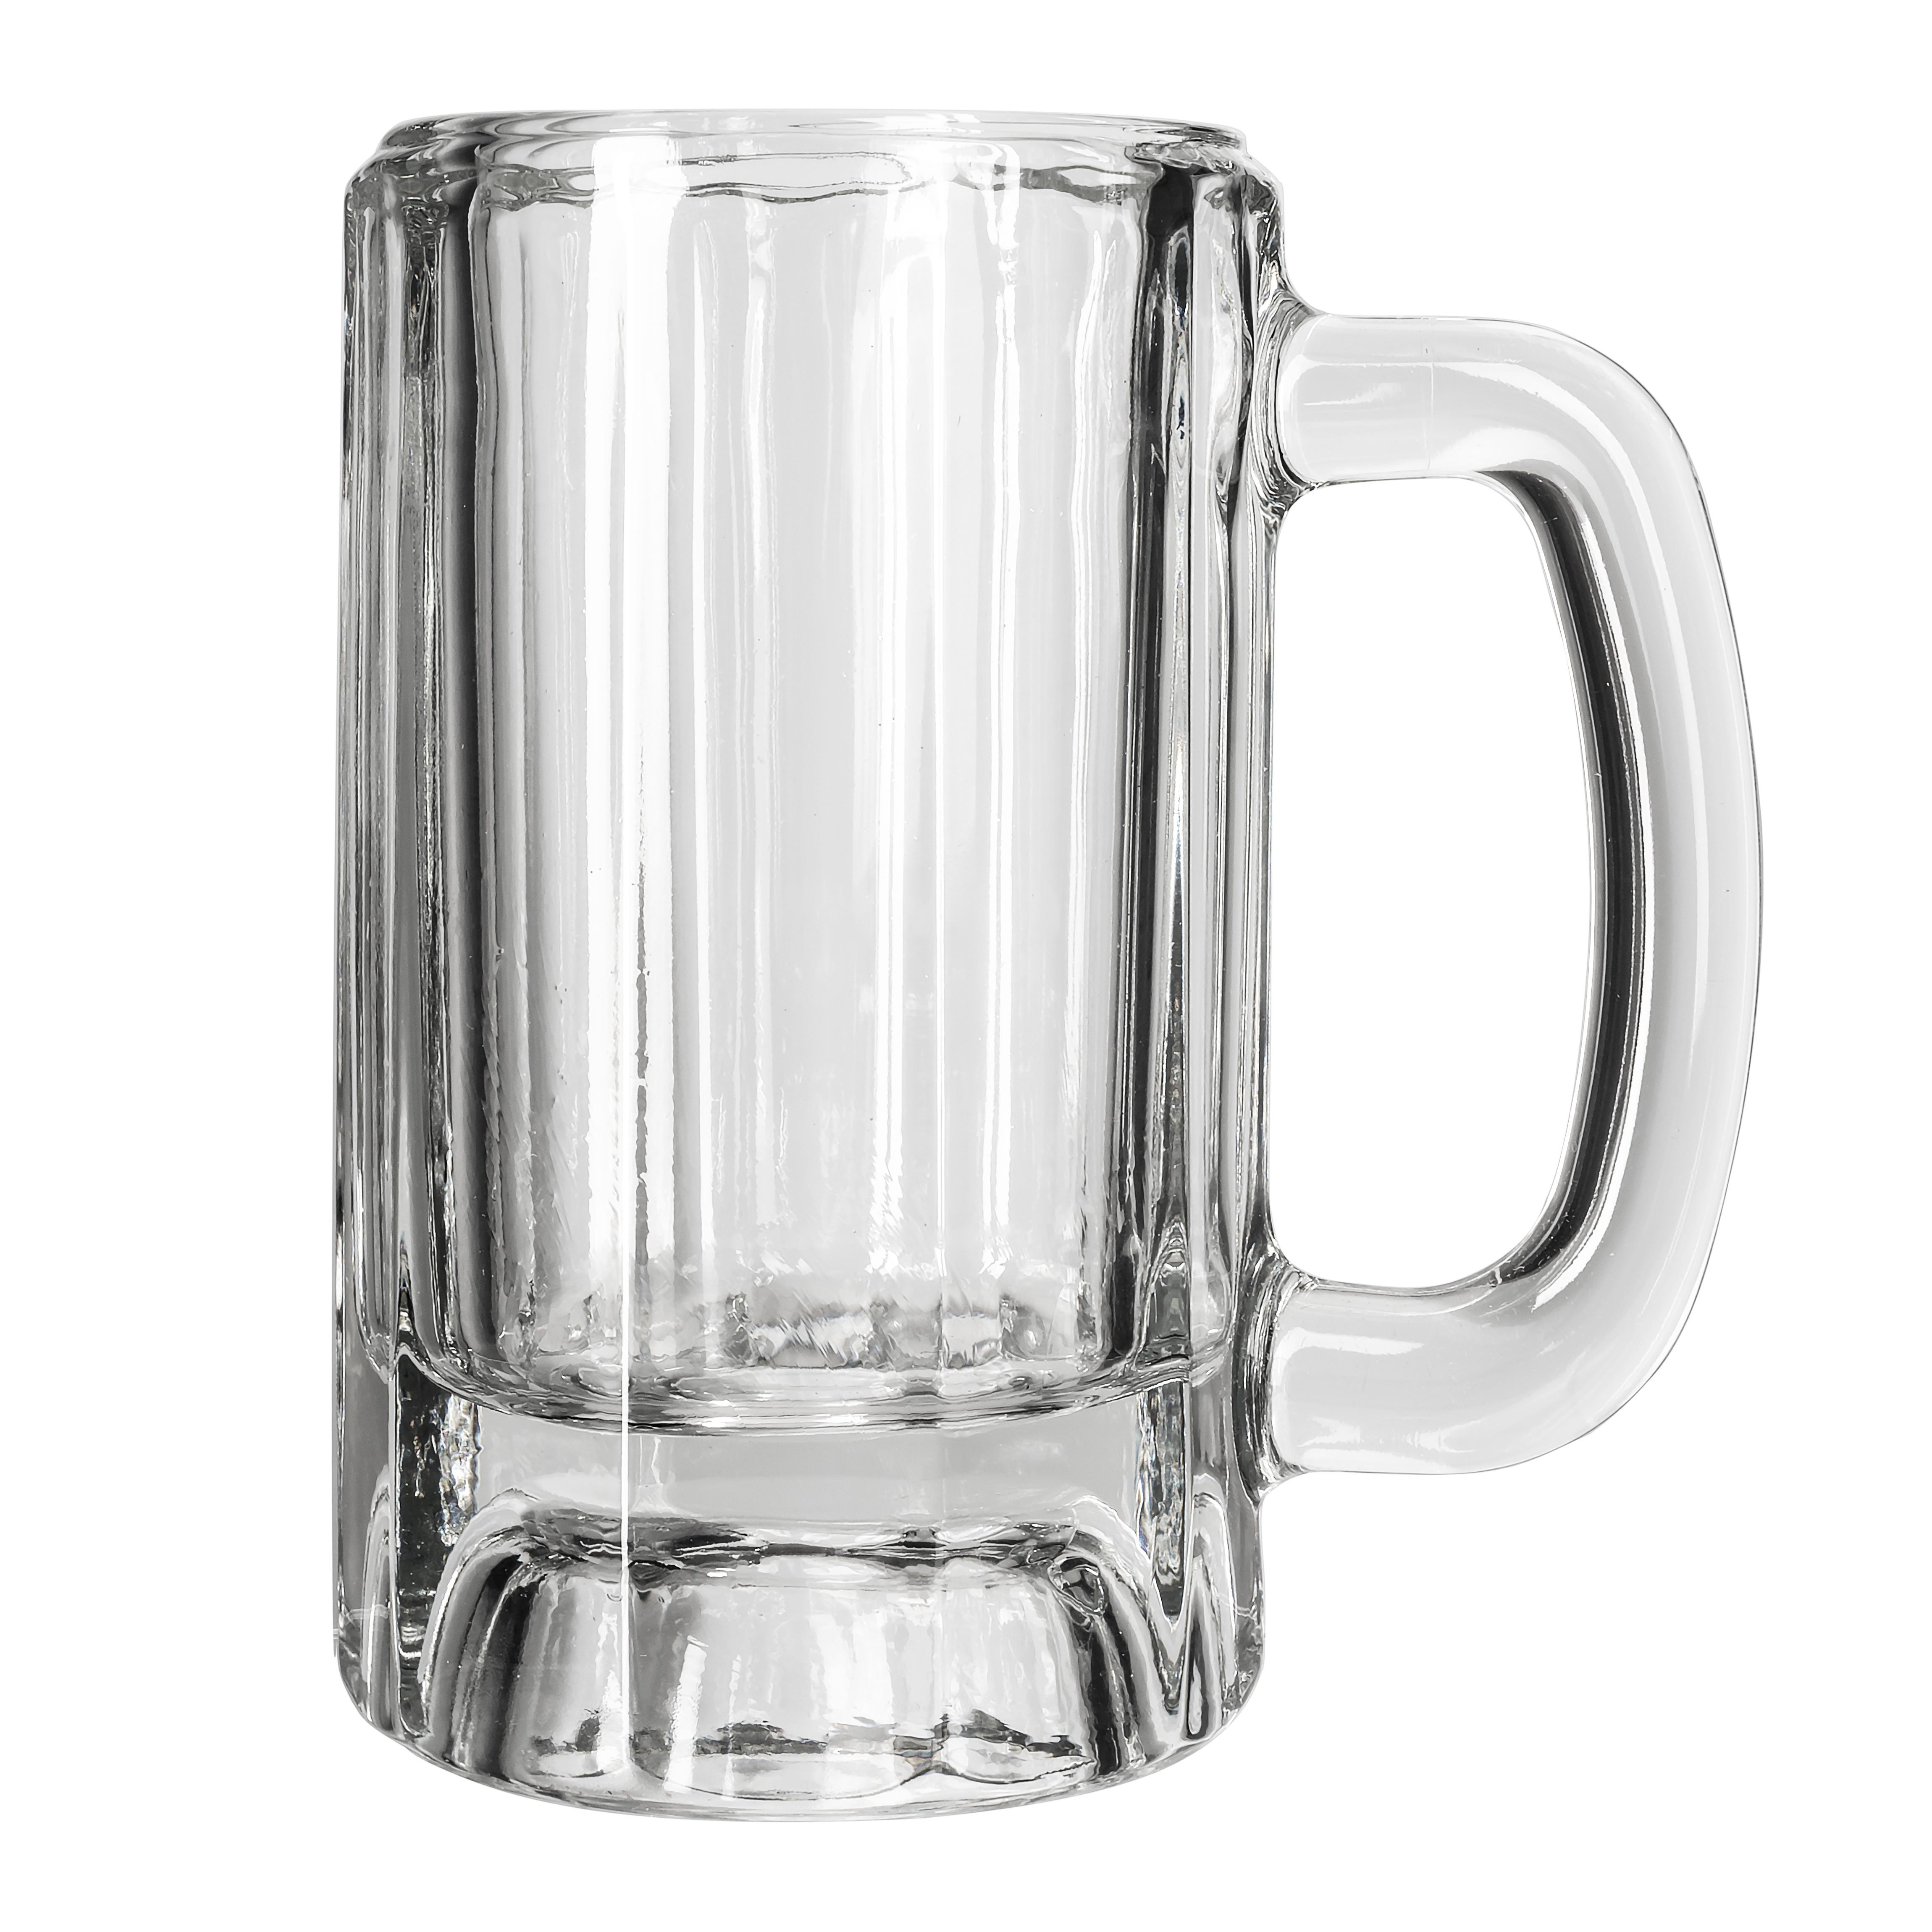 Libbey 5016 12-oz Paneled Mug